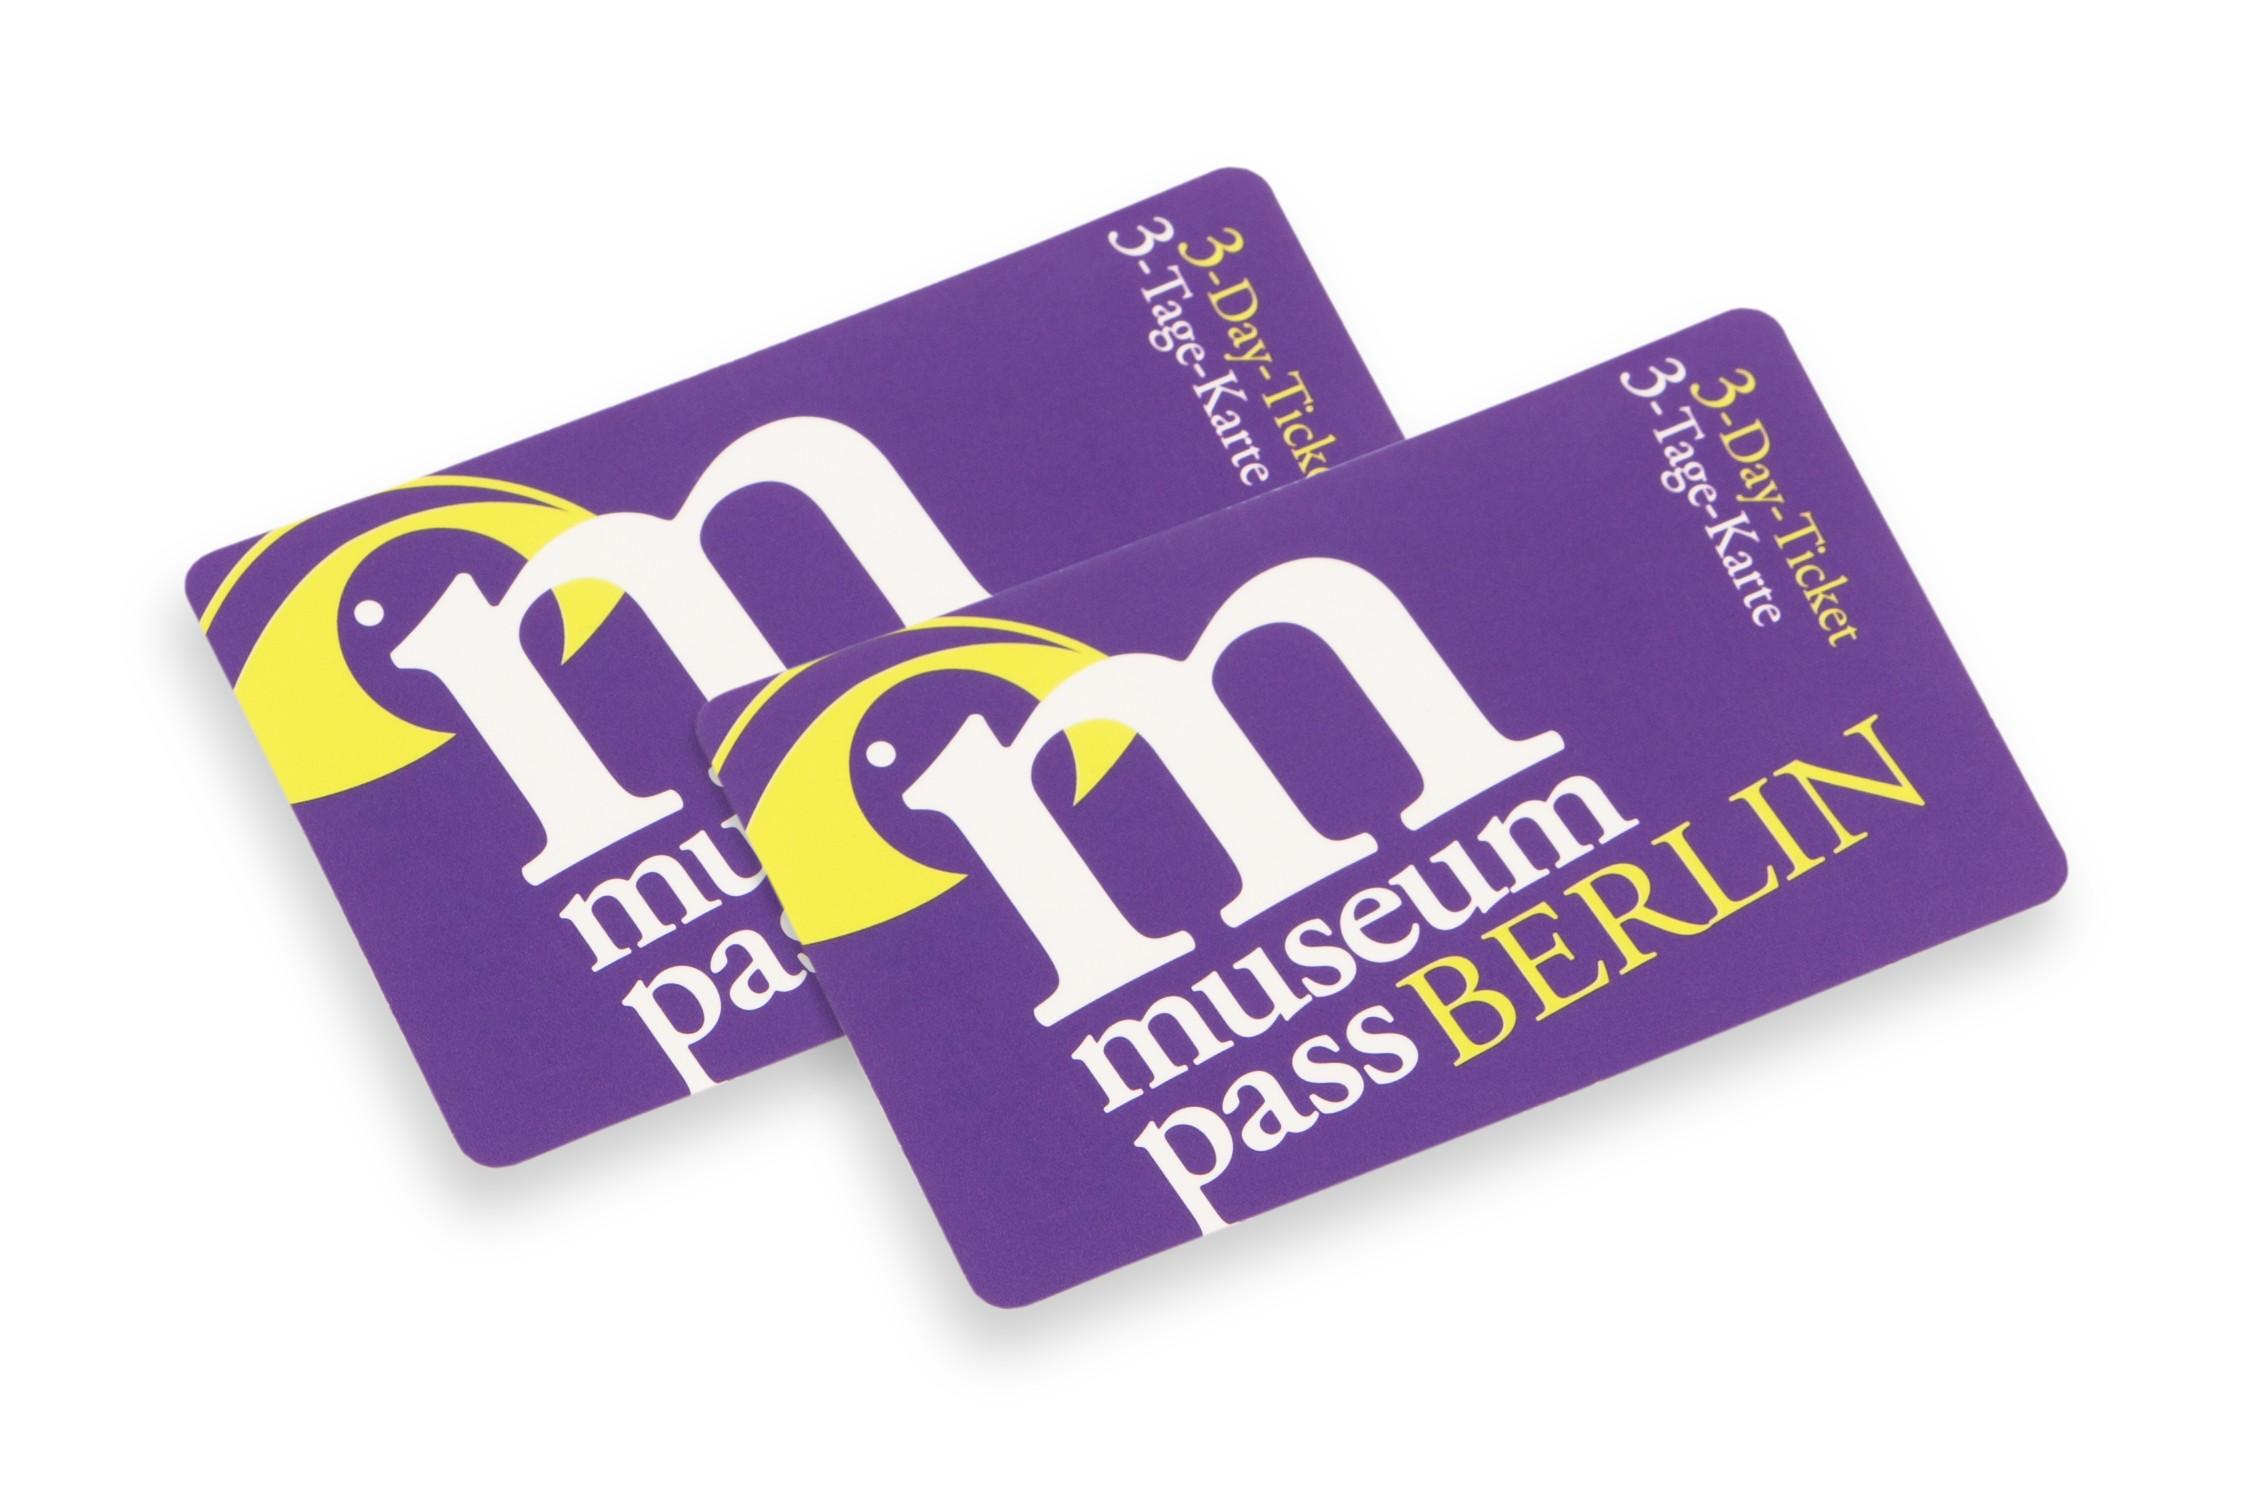 Museumspass 2017/2018 Ermäßigt